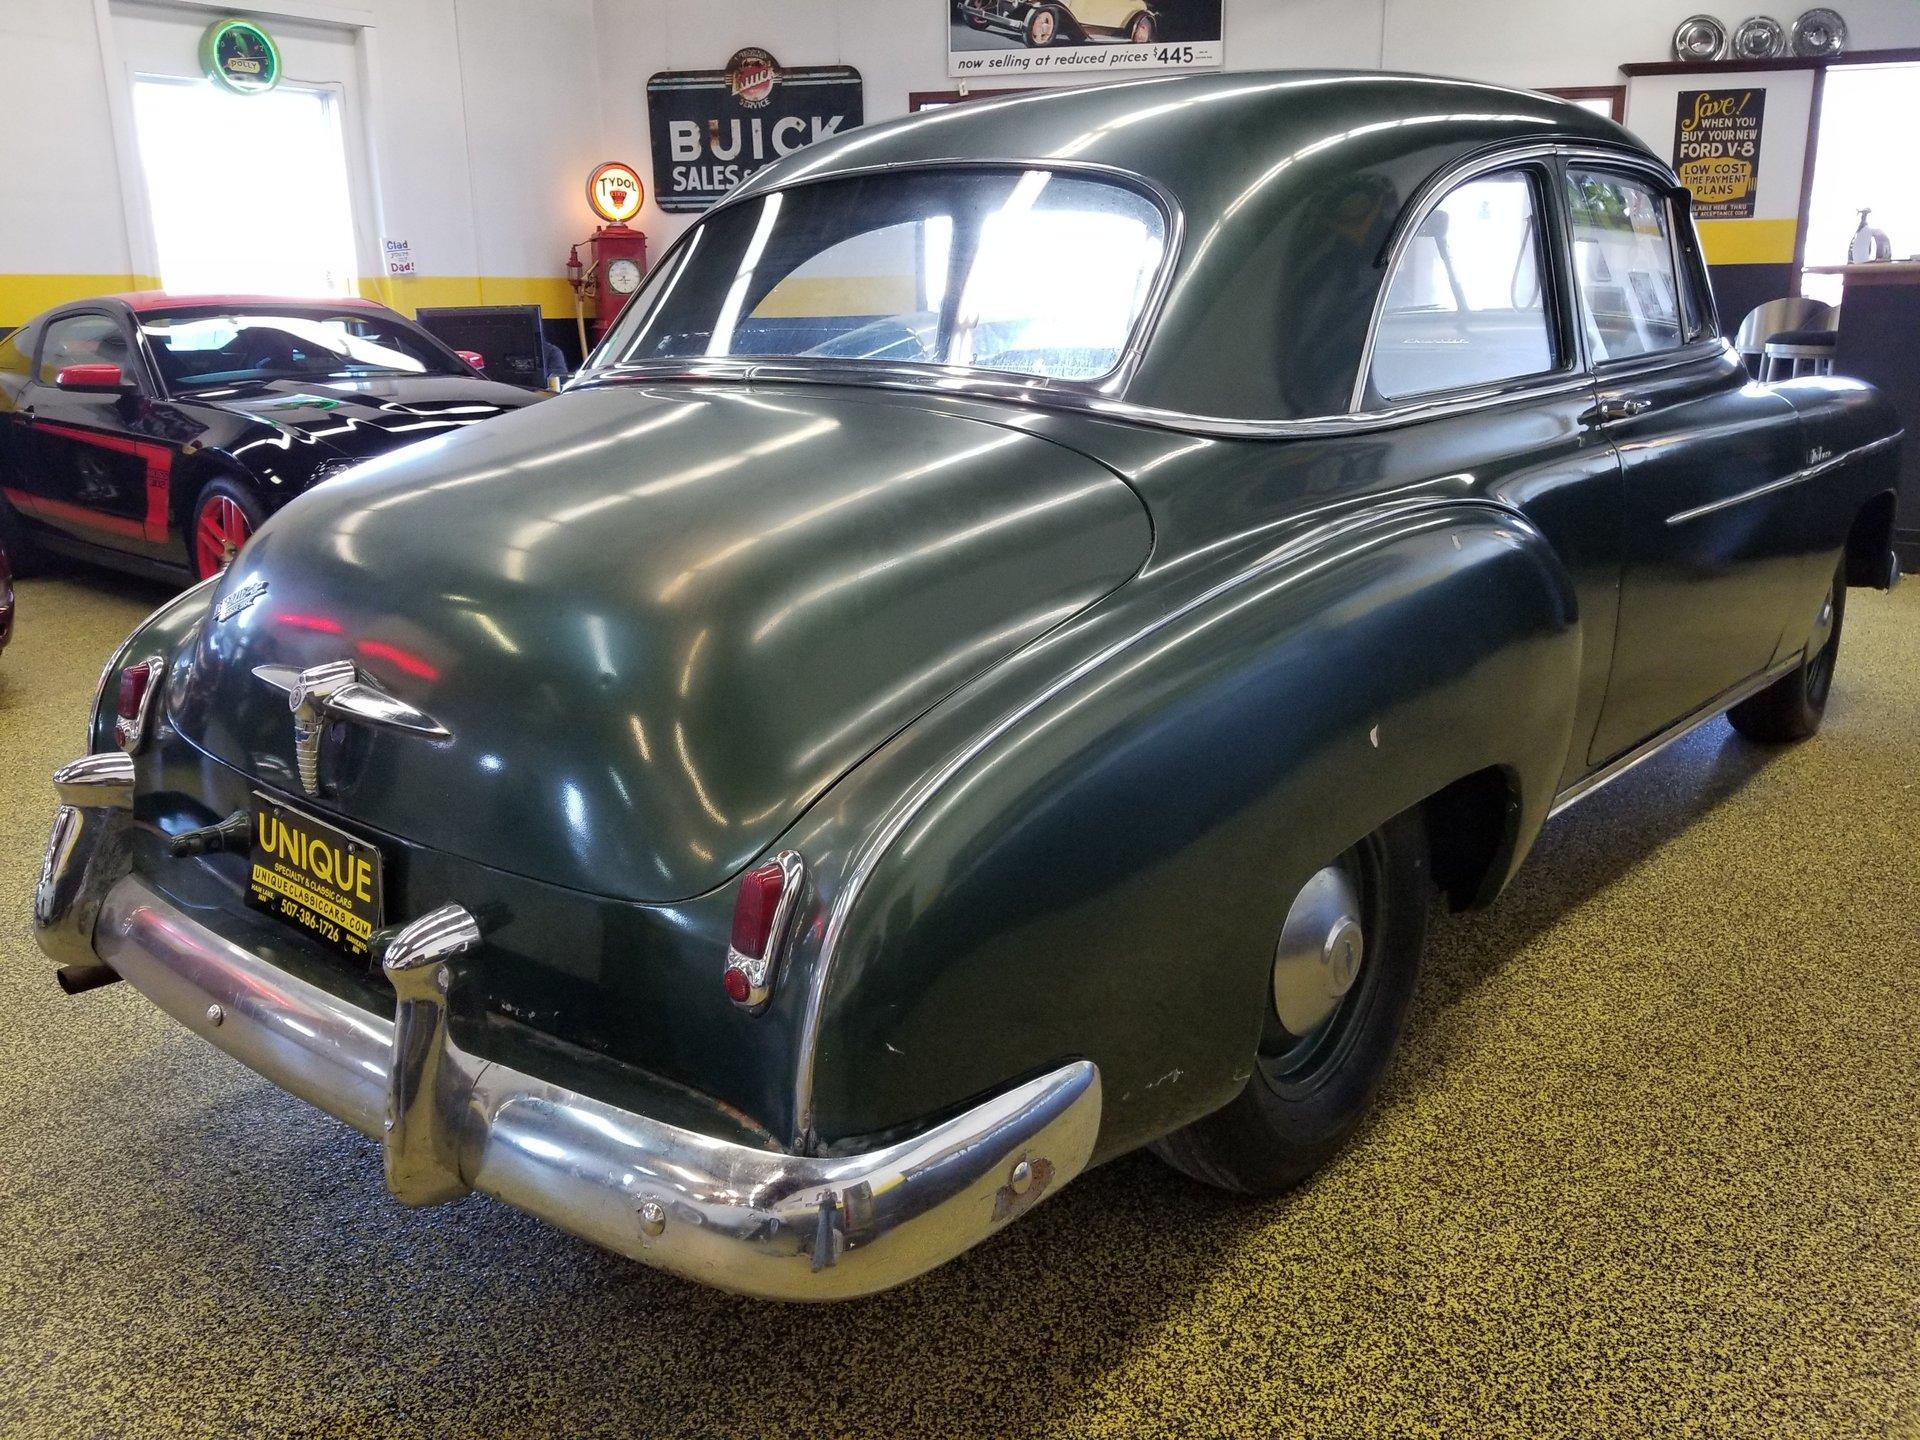 1950 Chevrolet Styleline Deluxe 2 door Sedan for sale #73244 | MCG